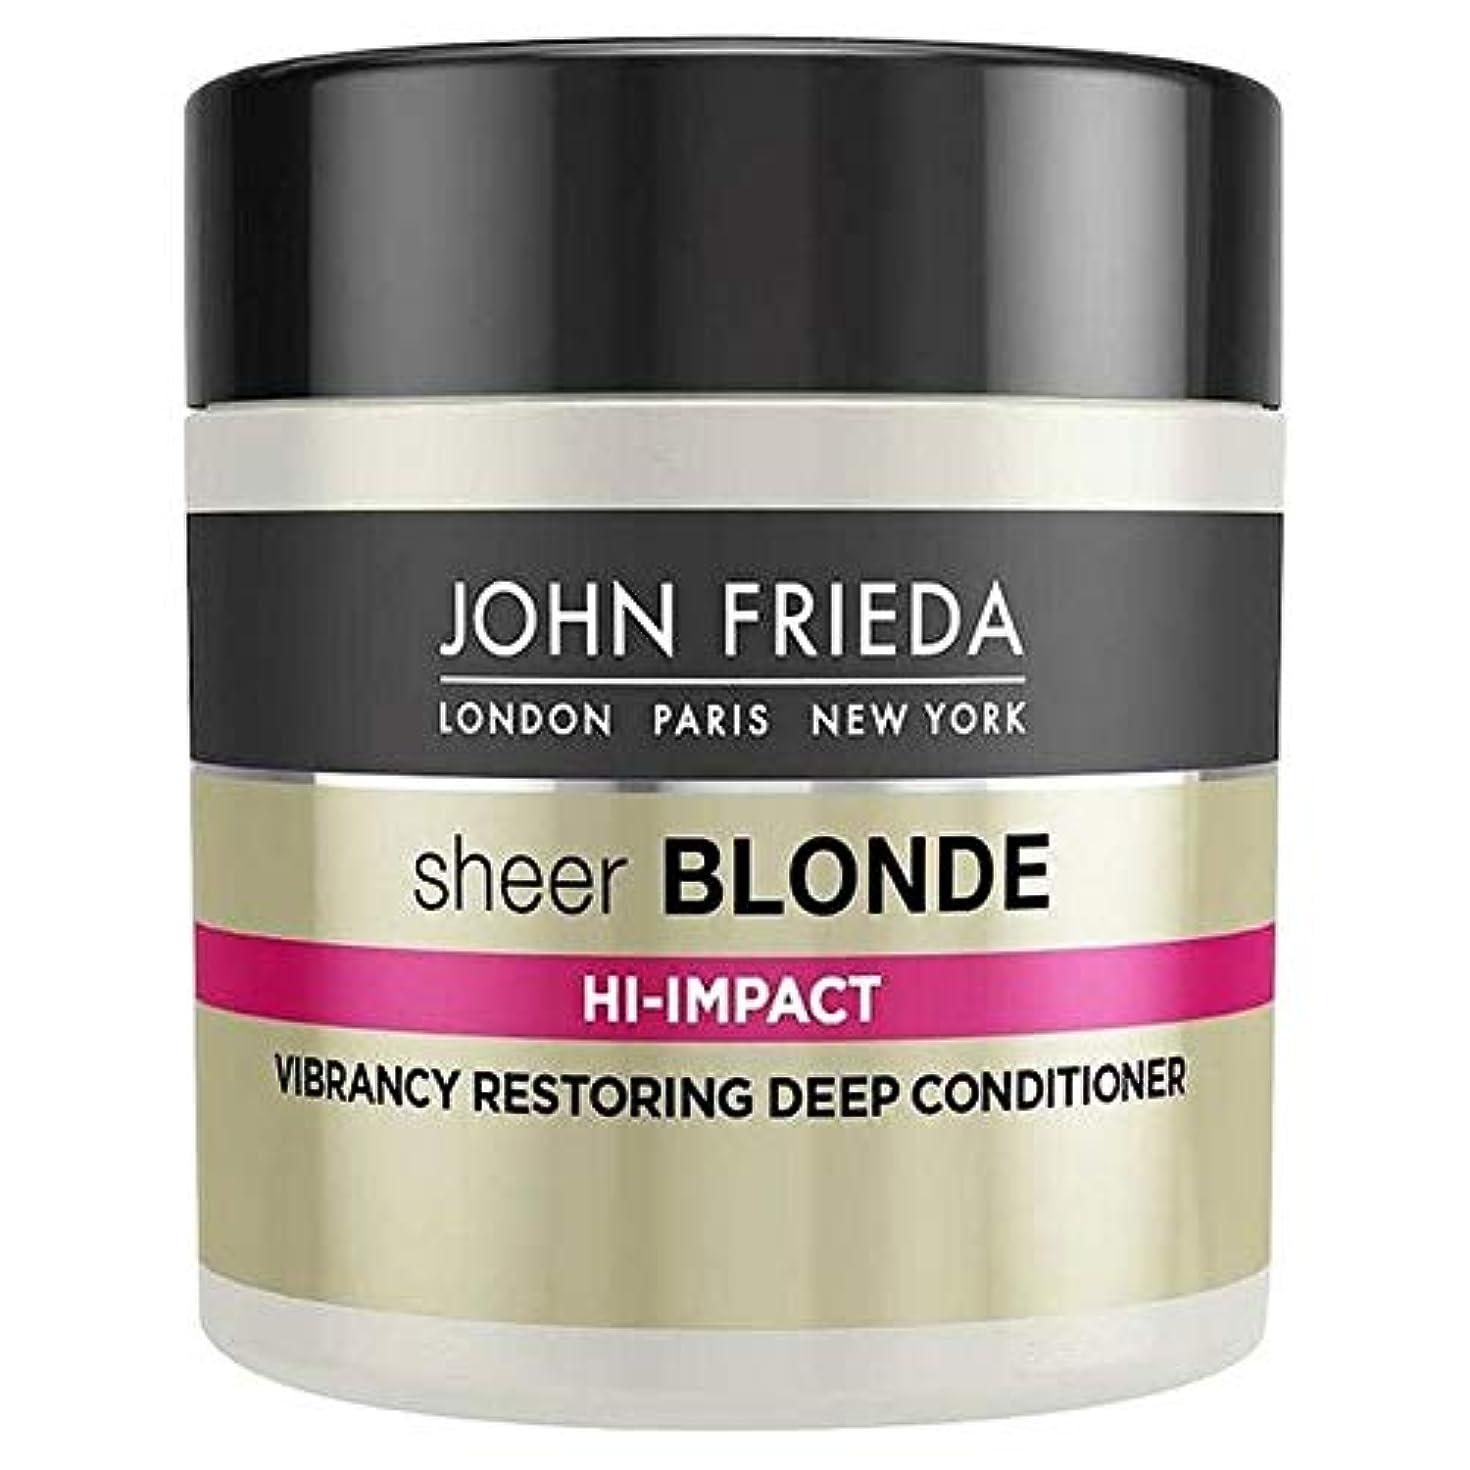 温度願望アストロラーベ[John Frieda ] ジョン?フリーダ膨大なブロンドハイインパクト深いコンディショナー150ミリリットル - John Frieda Sheer Blonde Hi Impact Deep Conditioner...